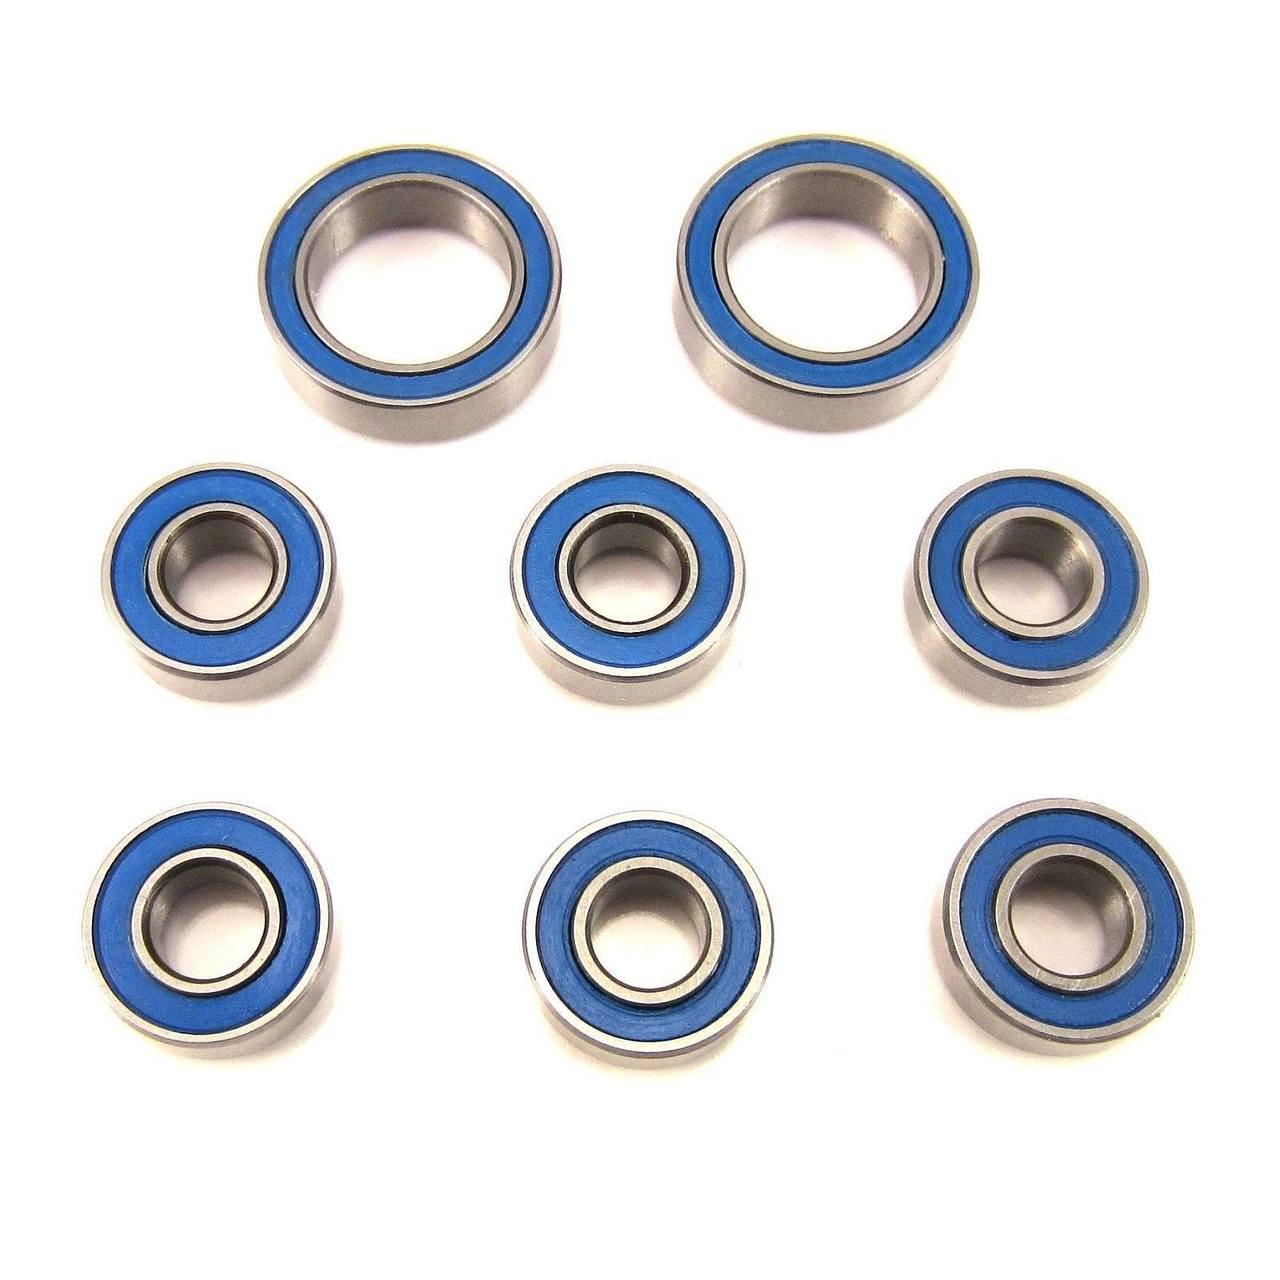 TRB RC Wheel-Axle Bearings Set BLU 5x11x4mm-10x15x4mm Axial SCX10 Wraith AX10